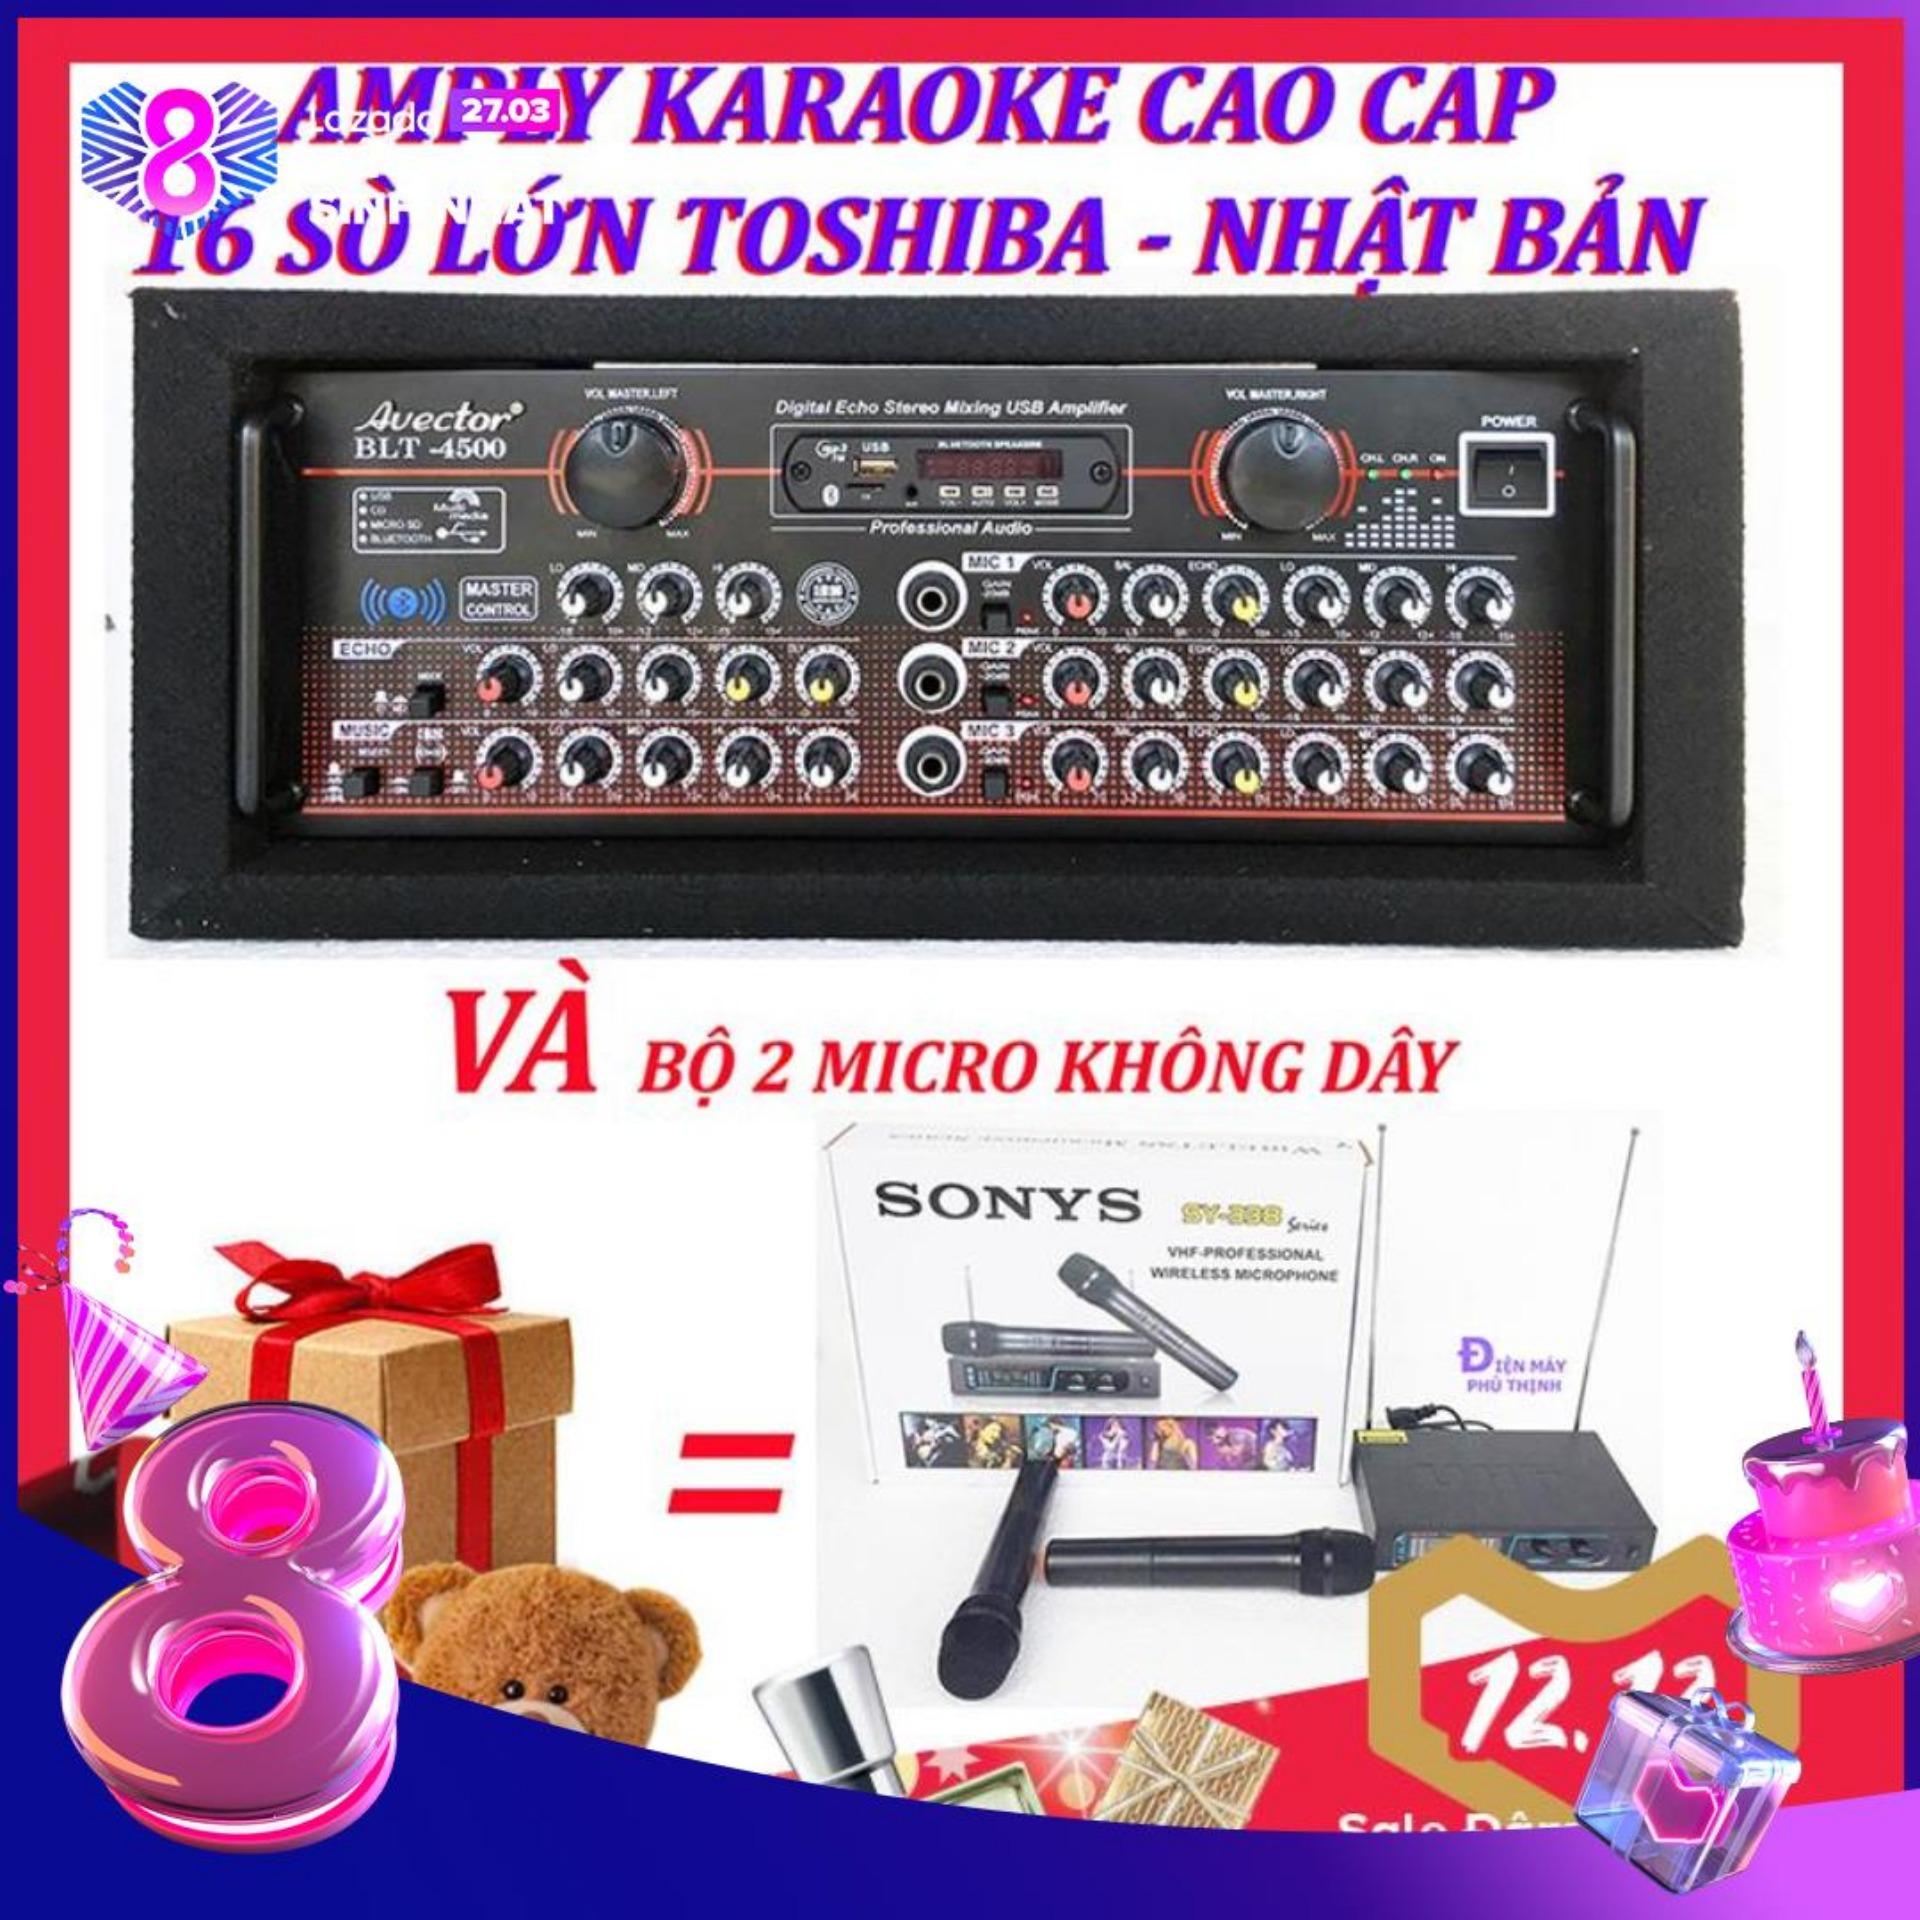 Amply karaoke ampli bluetooth amply nghe nhac amply karaoke hay cao cấp avector 4500 VÀ bộ micro không dây sy338